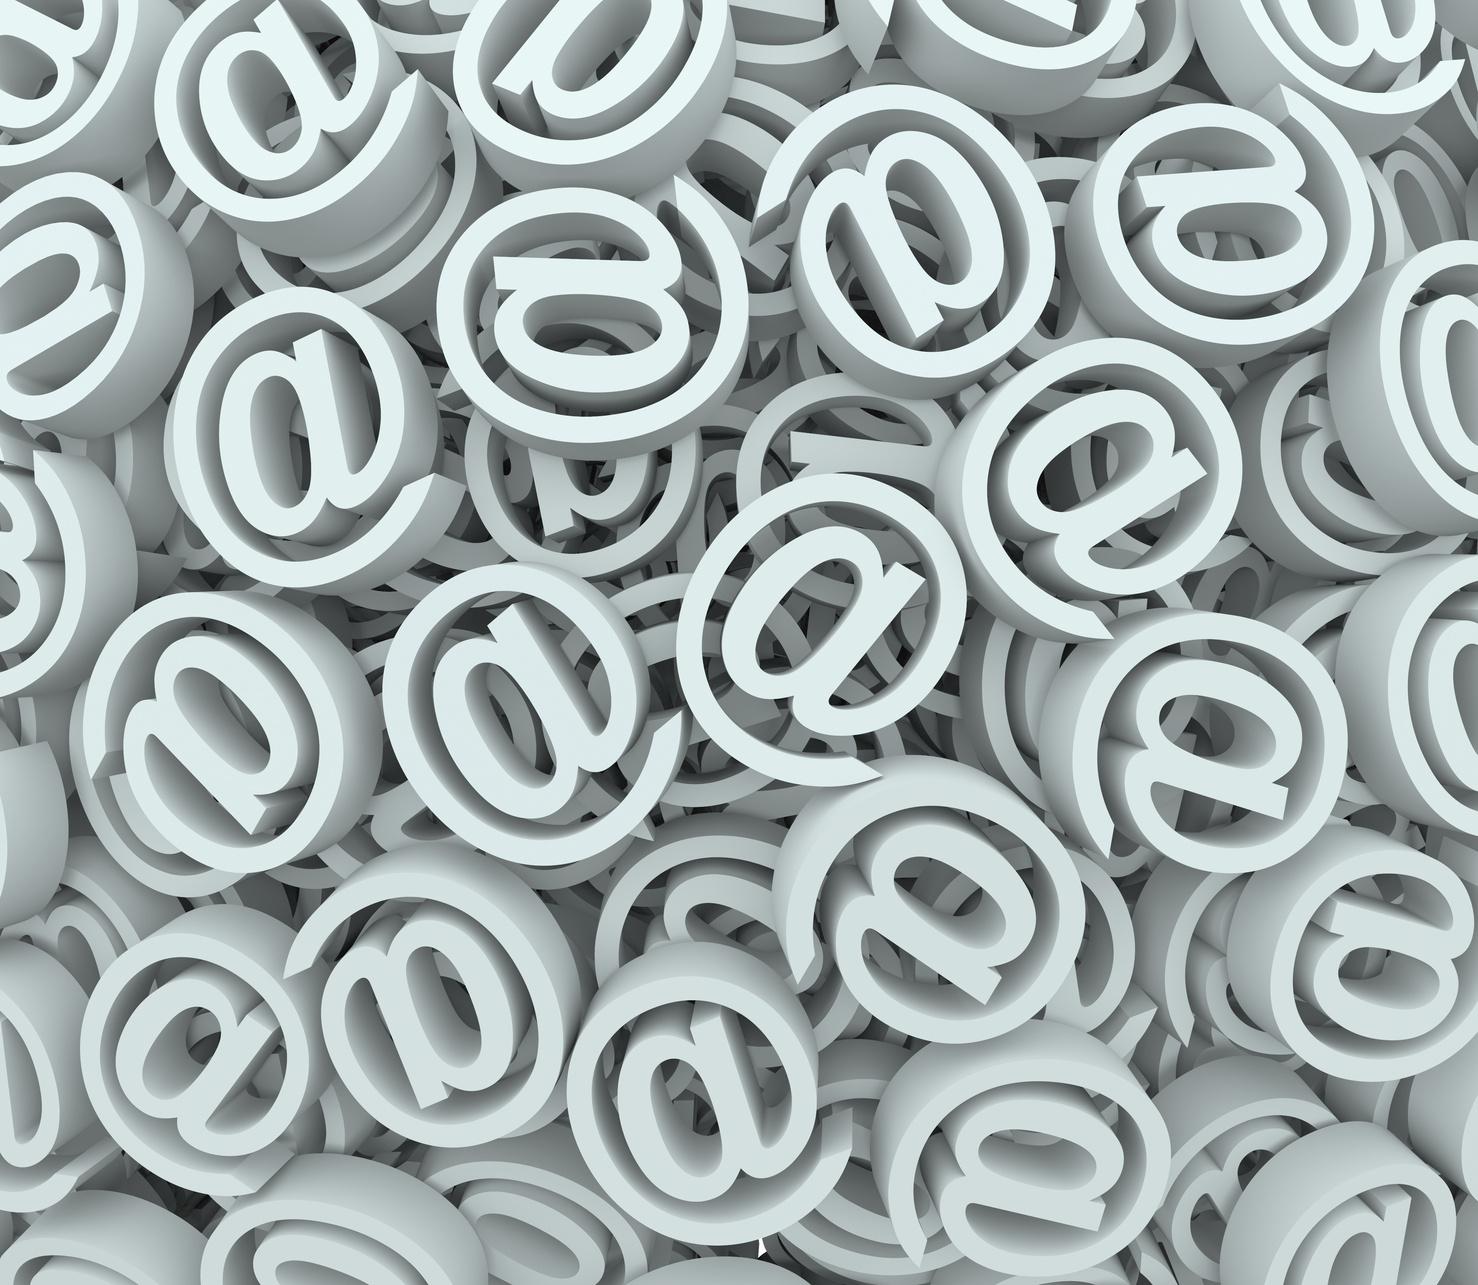 Los usuarios de Outlook pueden ser víctimas de espionaje por parte de los gobiernos